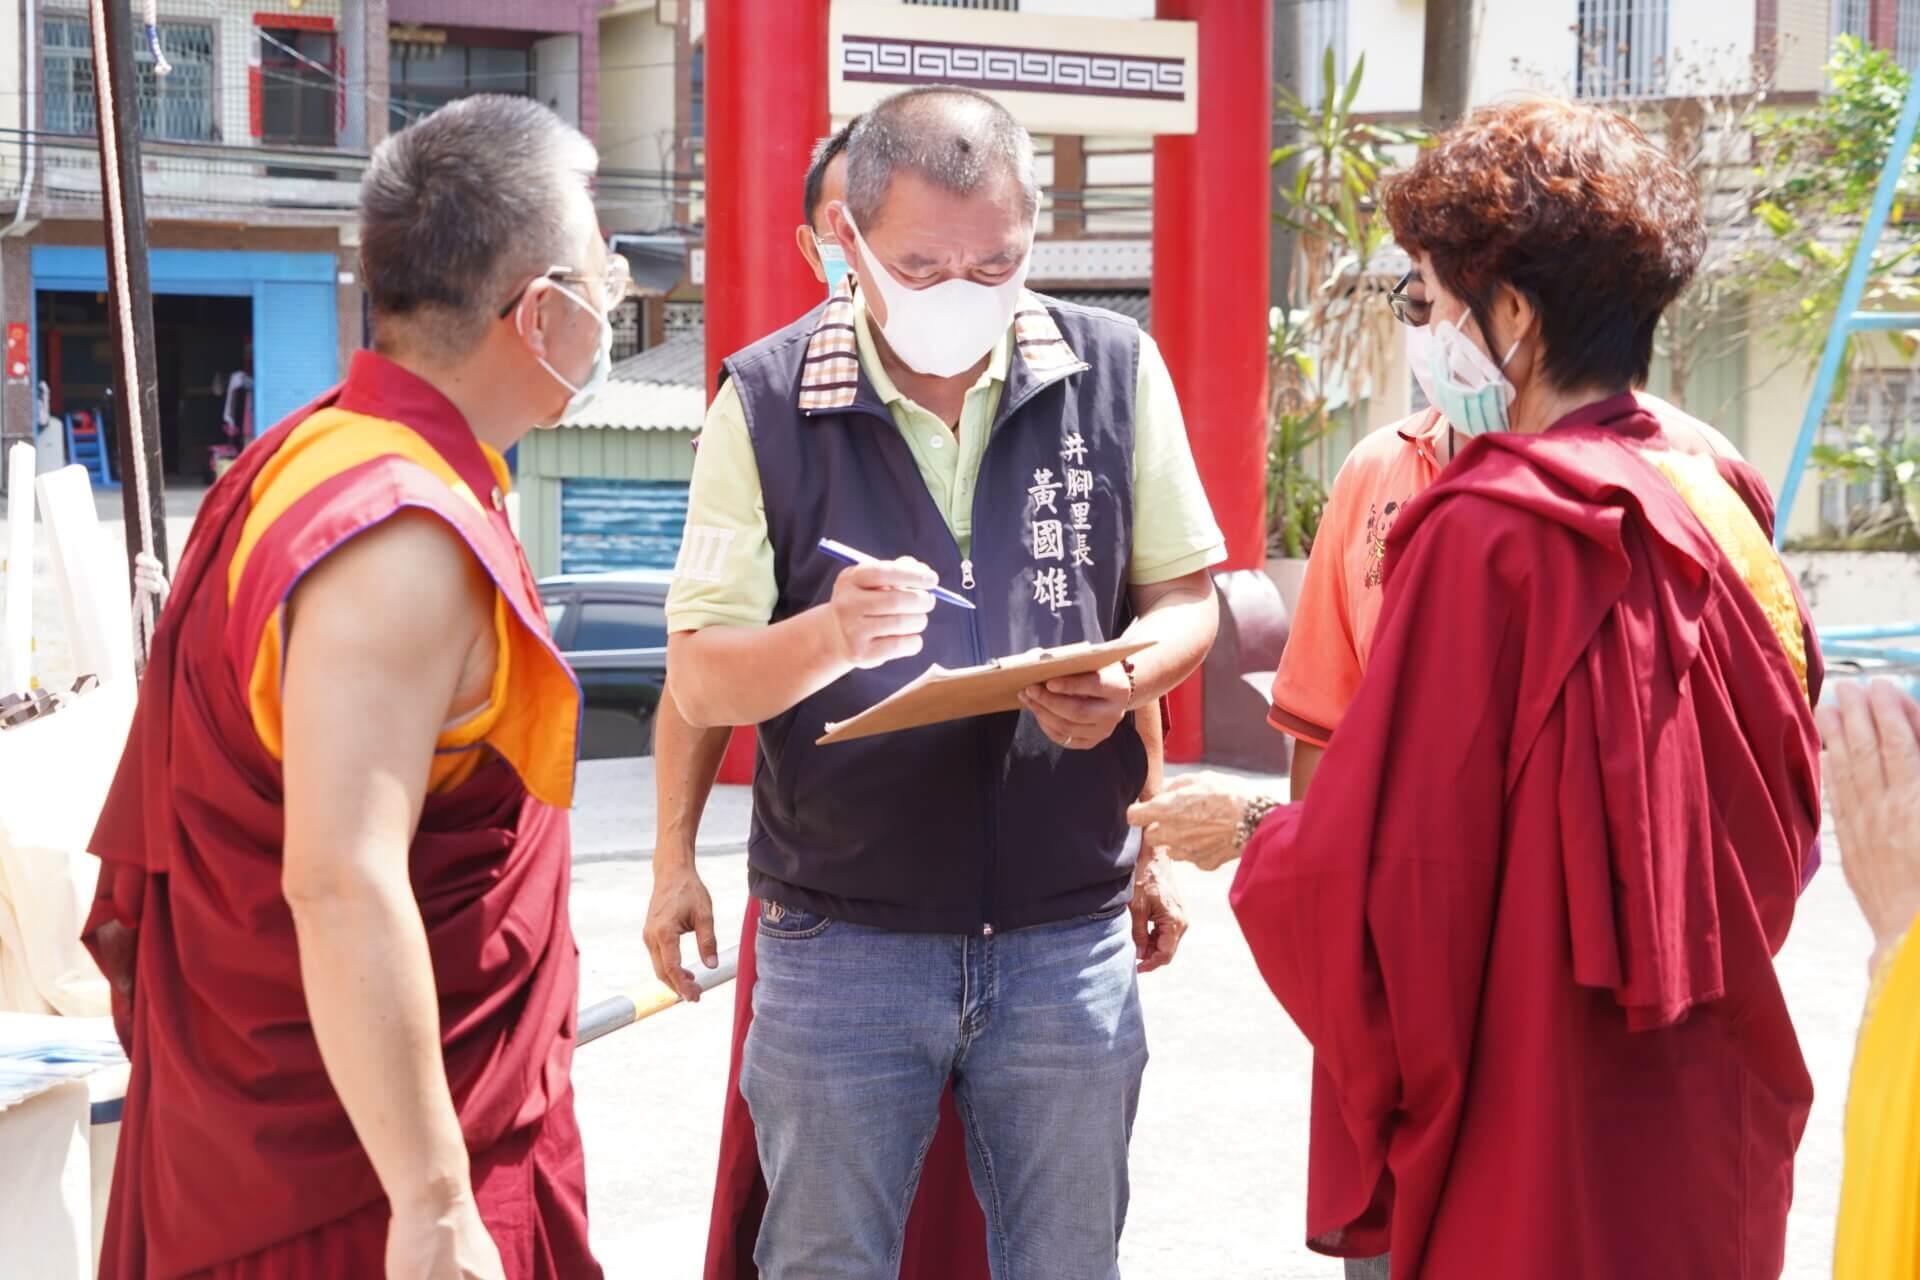 行動佛殿135站高雄大樹,遵守政府防疫措施出入填寫實聯紀錄